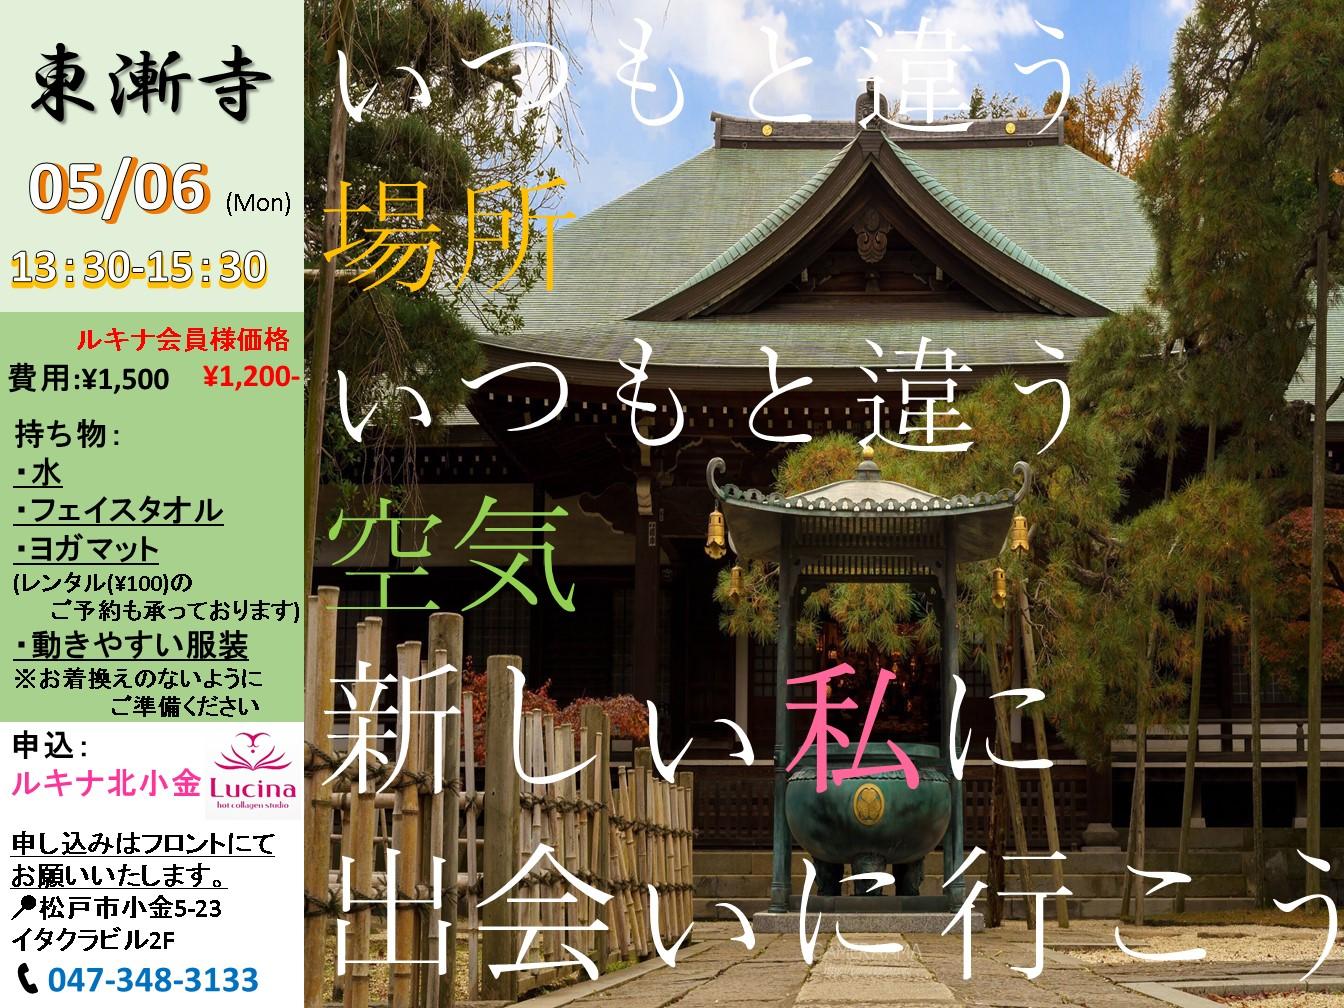 『寺ヨガ』in東漸寺 初開催決定!! 5/6(月)祝 大安